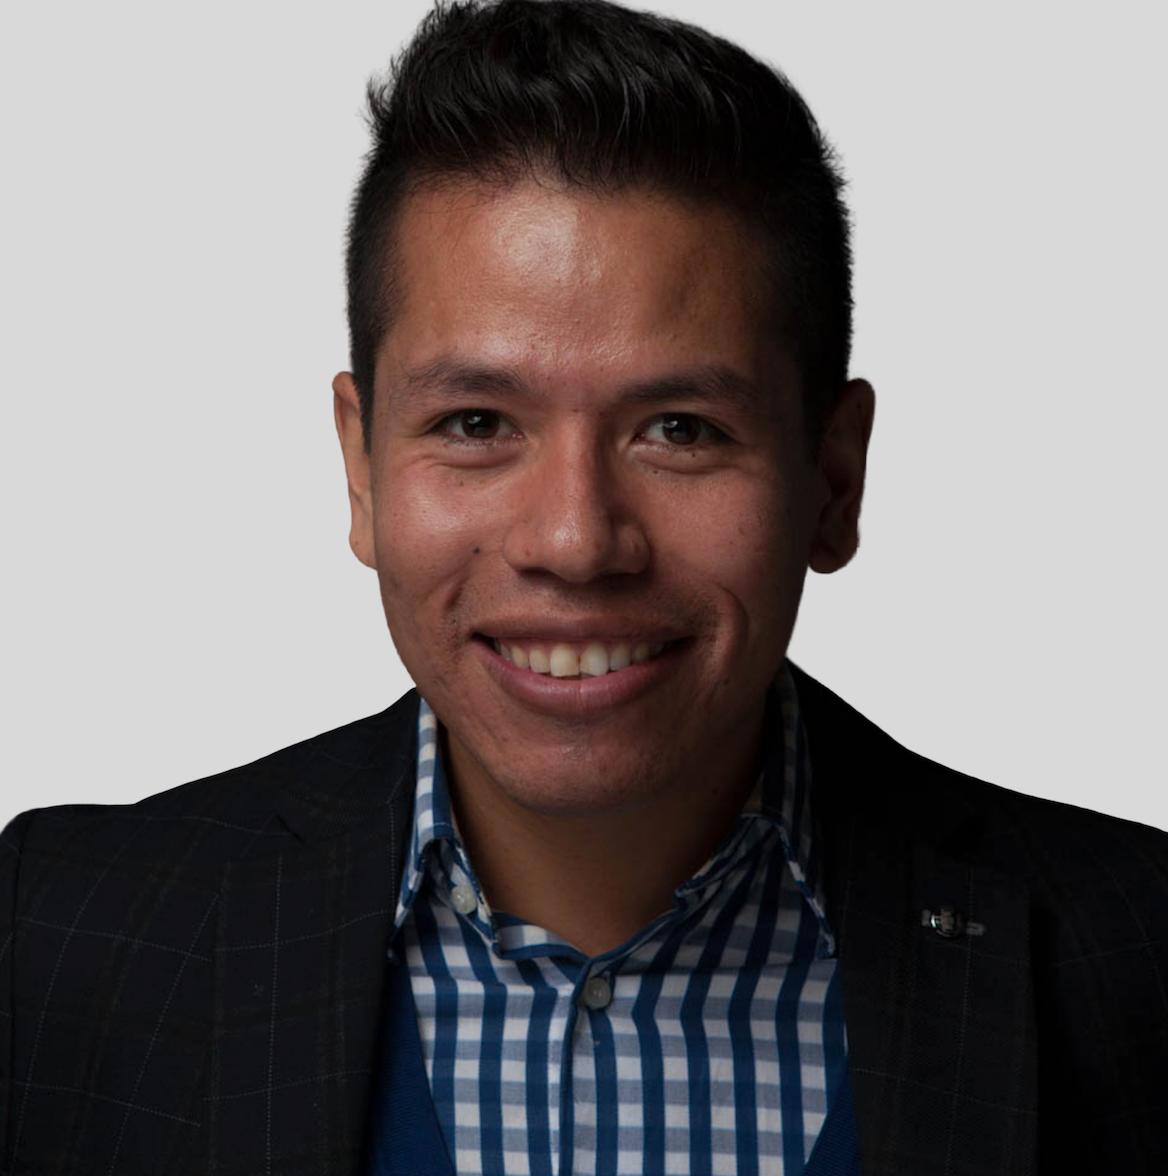 Alejandro Romero-Torres